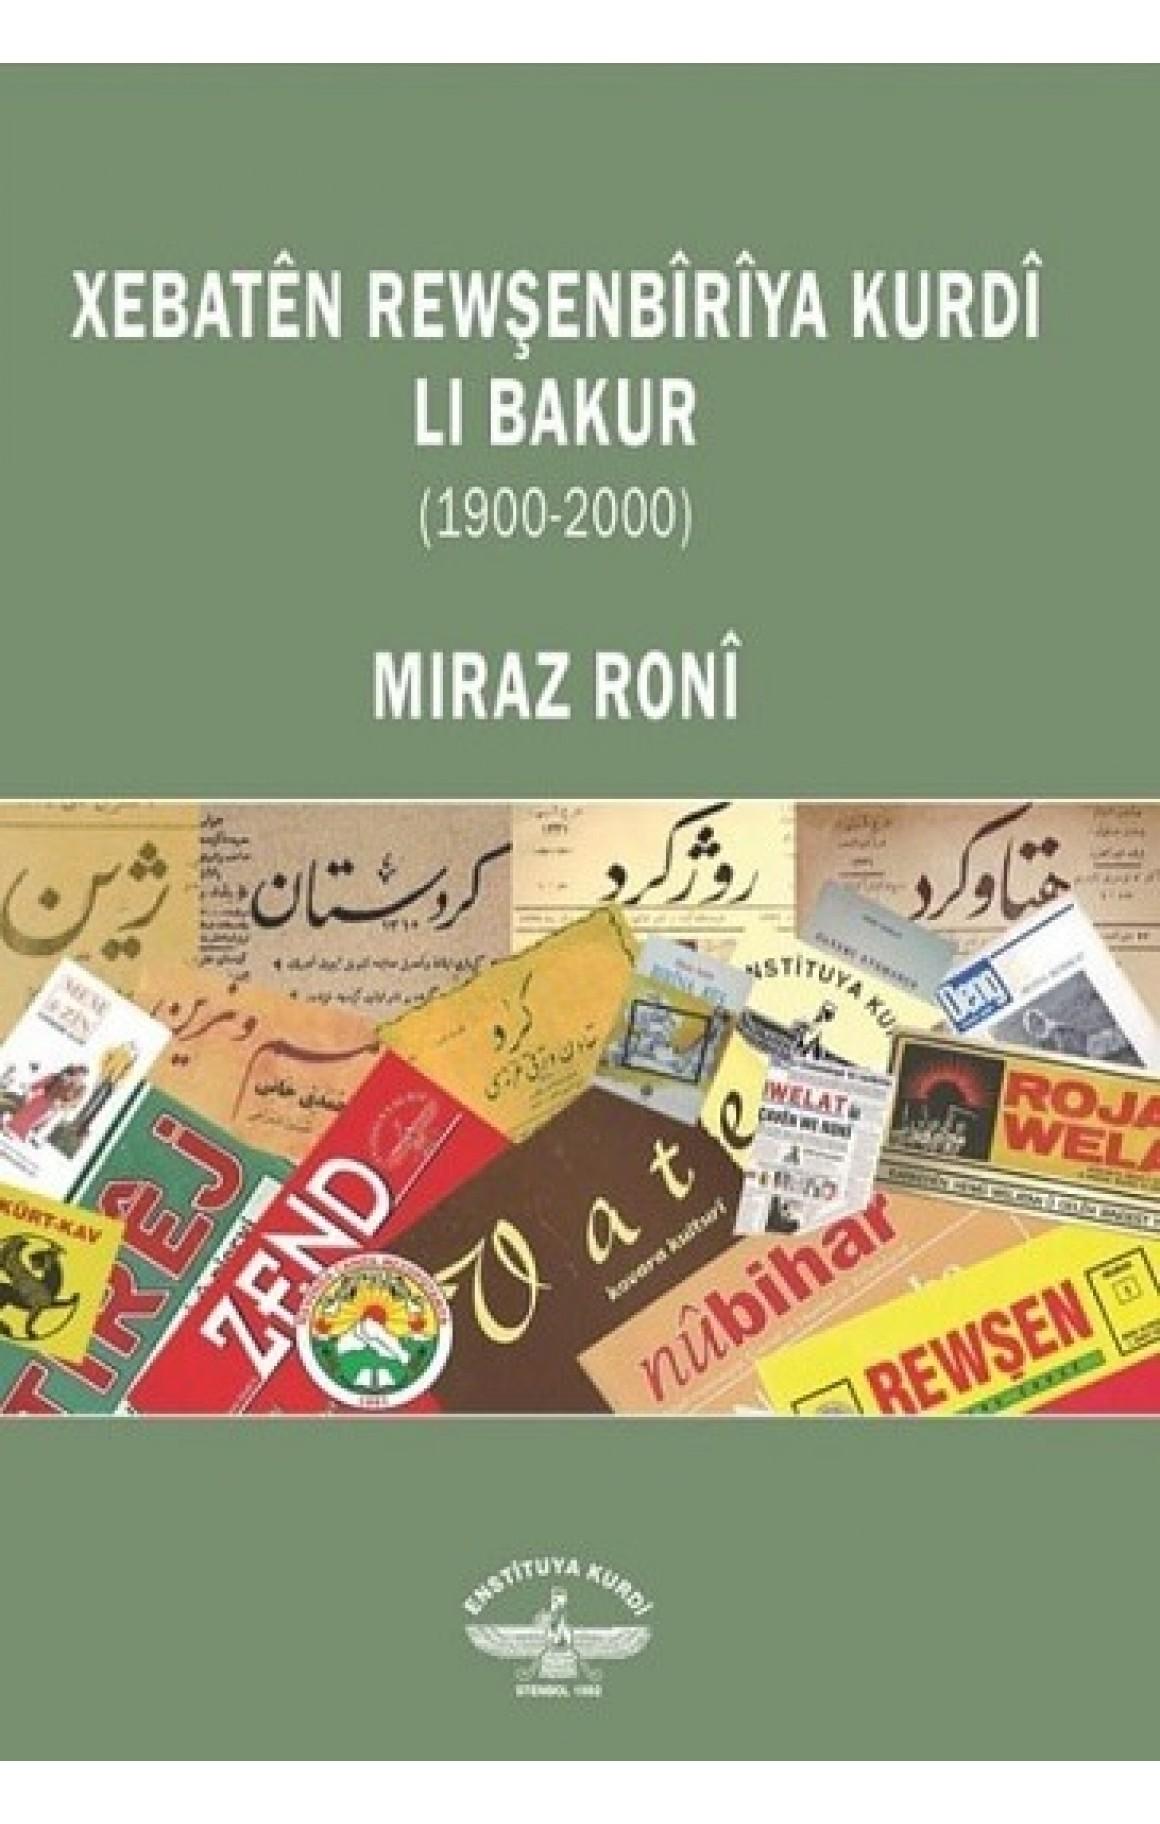 Xebatên Rewşenbîrîya Kurdî li Bakur (1900-2000)